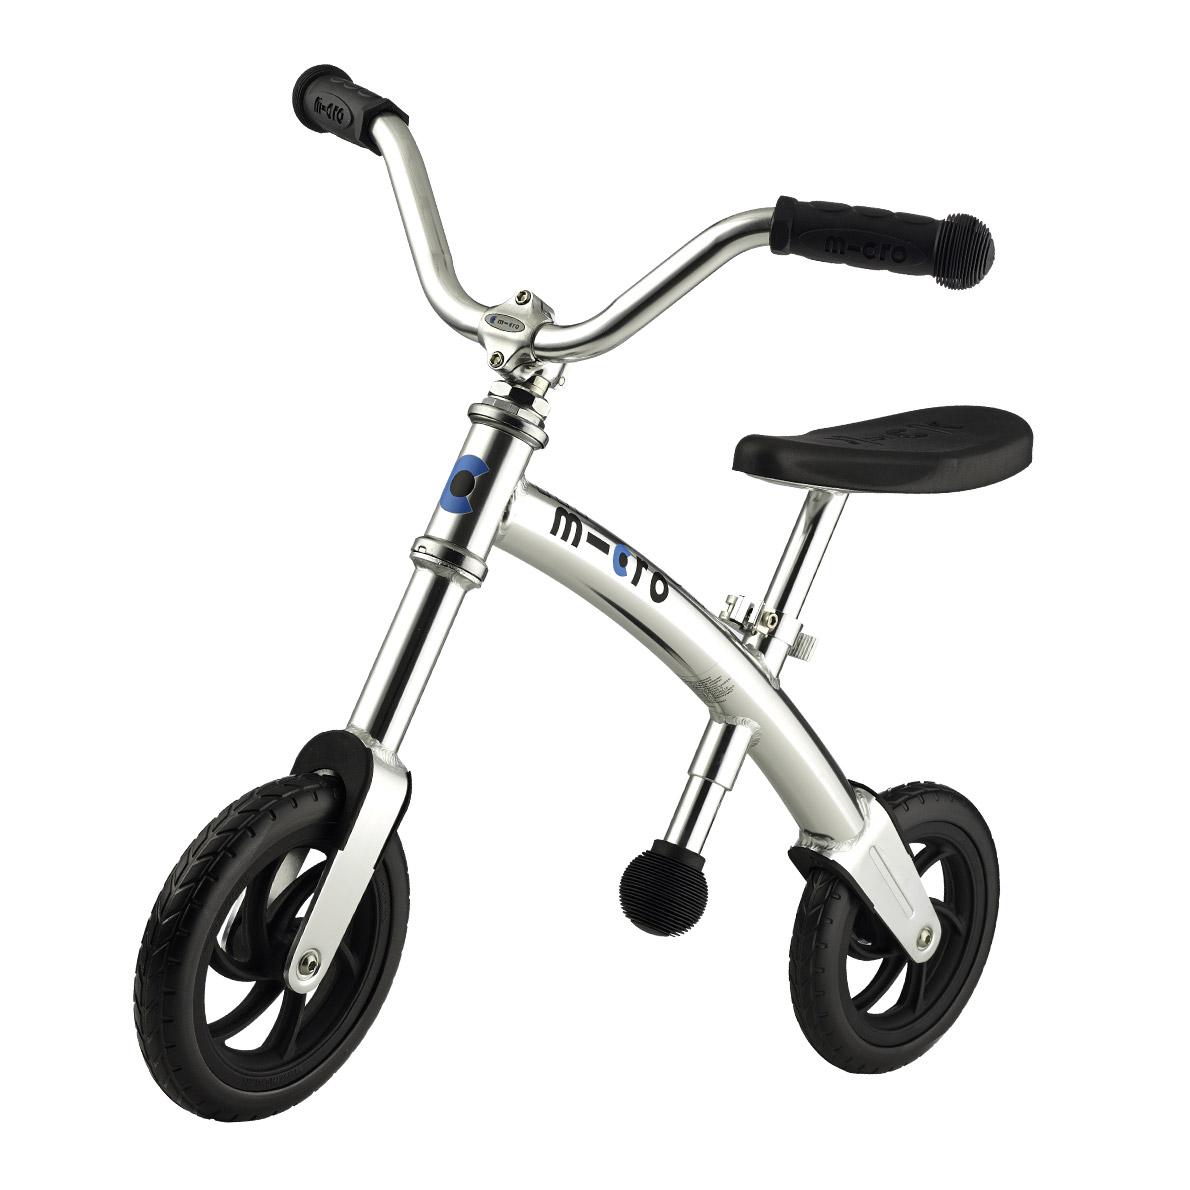 イージーライダー(Easy Rider)【バランスバイク】【アッパーハンドル】|2歳以上|スイスデザイン||正規品|メーカー1年保証|バランスバイク|キックバイク|世界で数々の賞を受賞|microscooter|microscooters